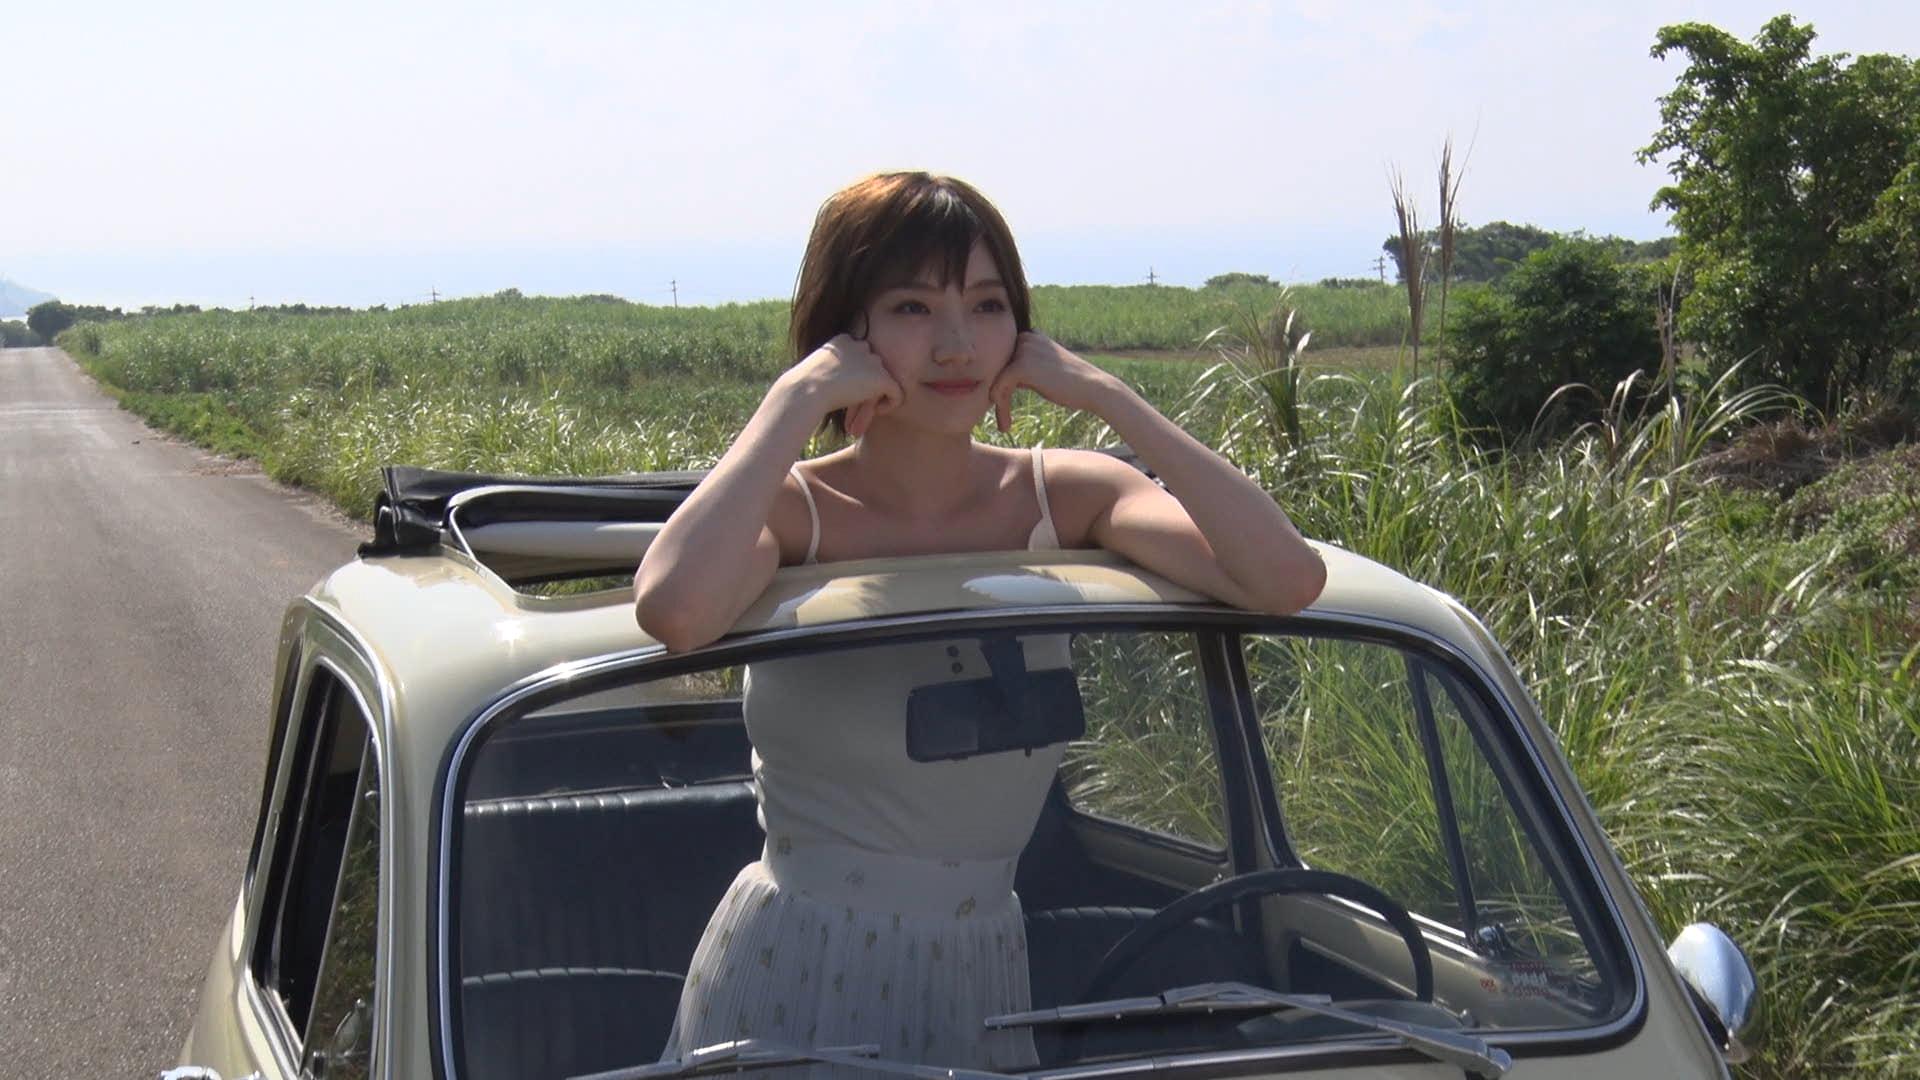 【太田夢莉】写真集「ノスタルチメンタル」のメイキング映像がBlu-ray&DVDで発売